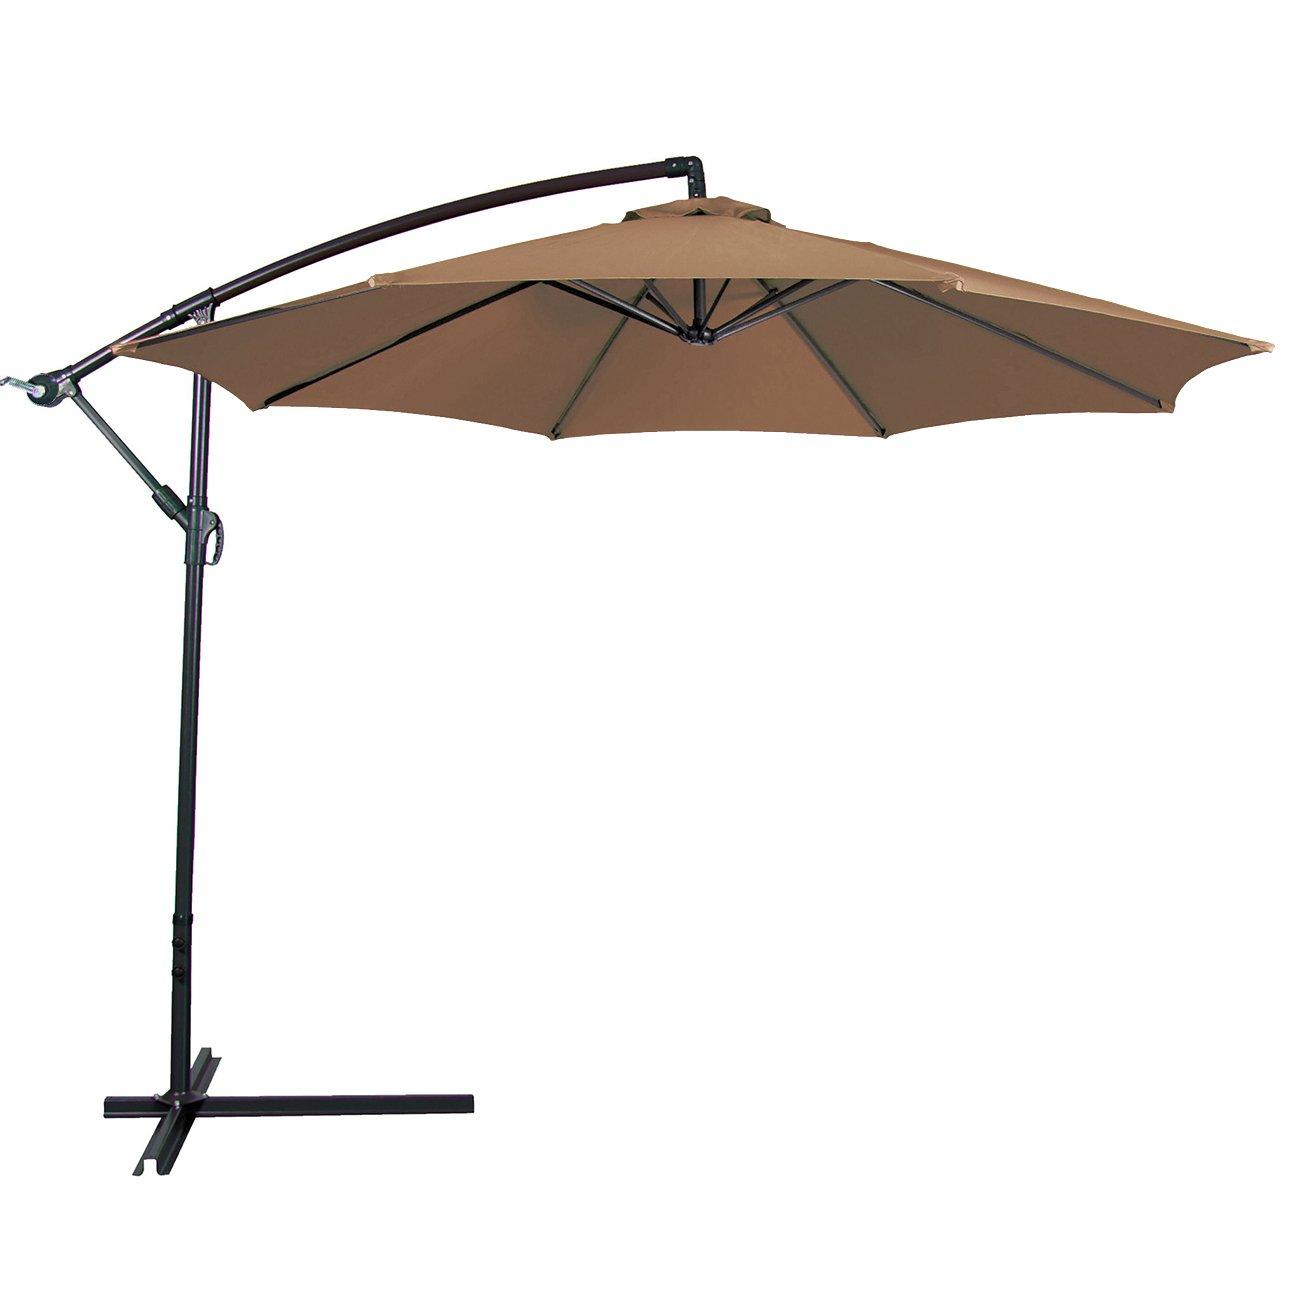 belleze 10u0027 cantilever umbrella u0026 reviews | wayfair NYRXOZG